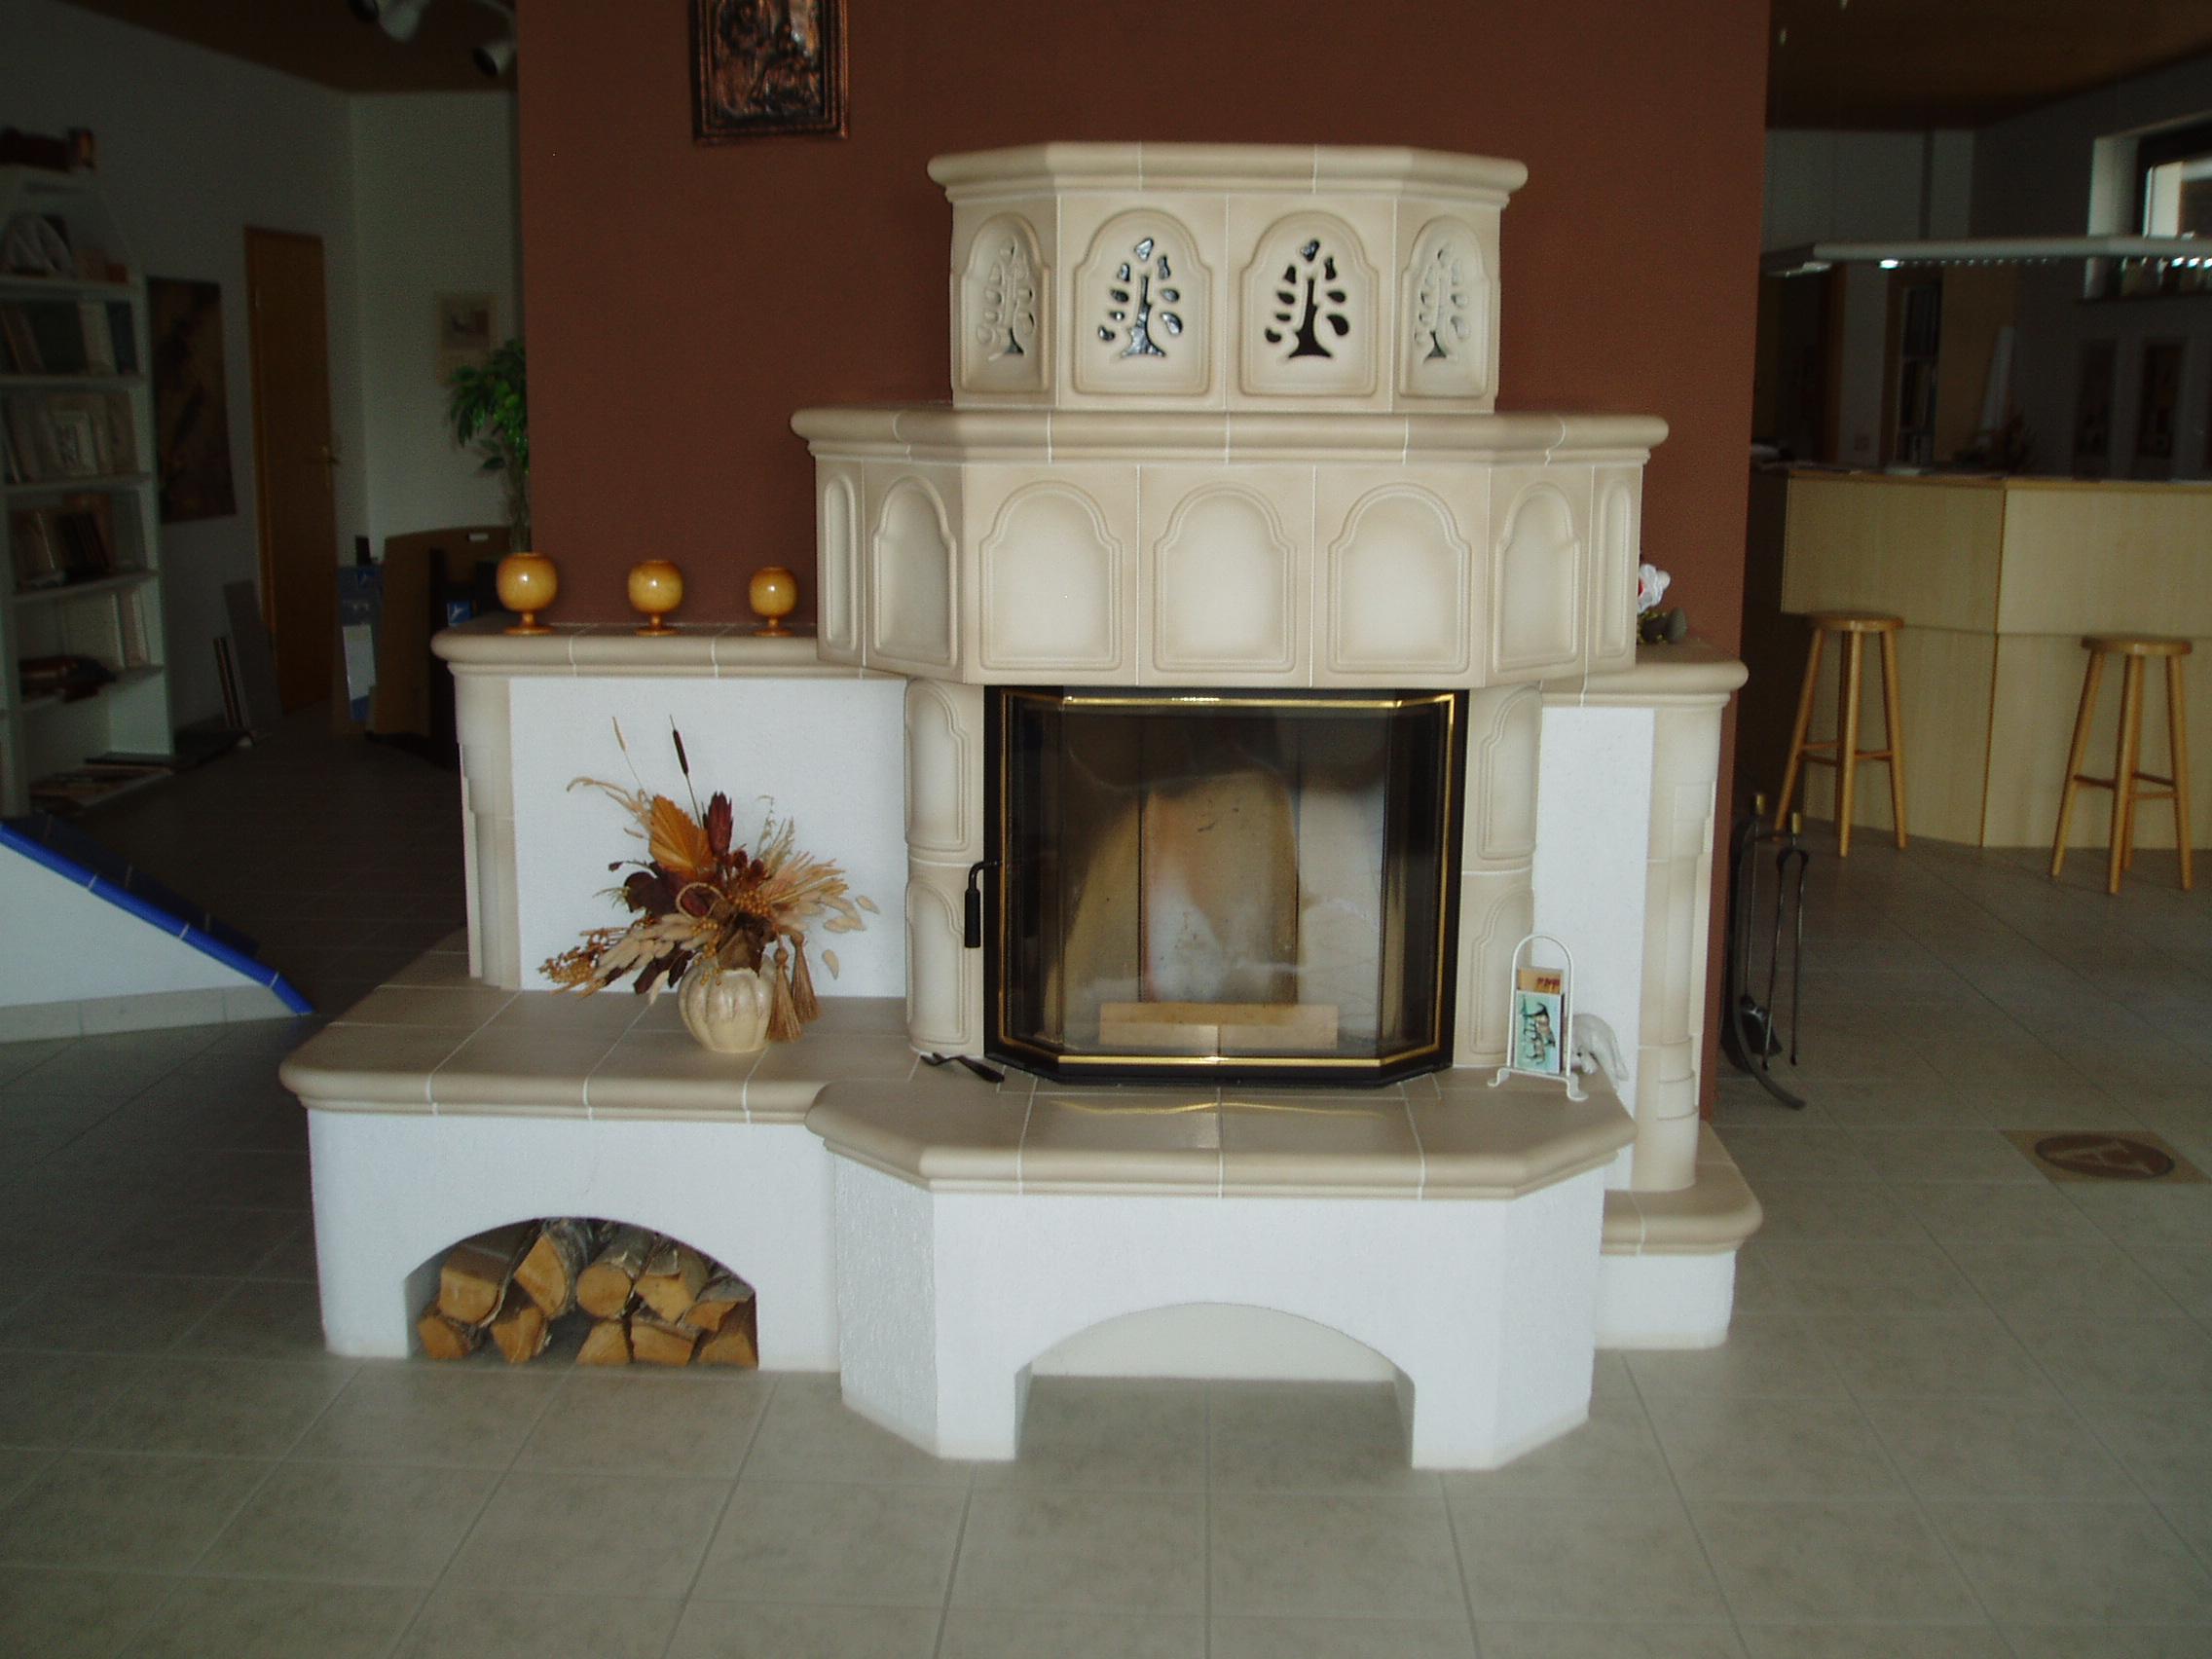 Herzlich Willkommen Fliesen Kamine Ofen